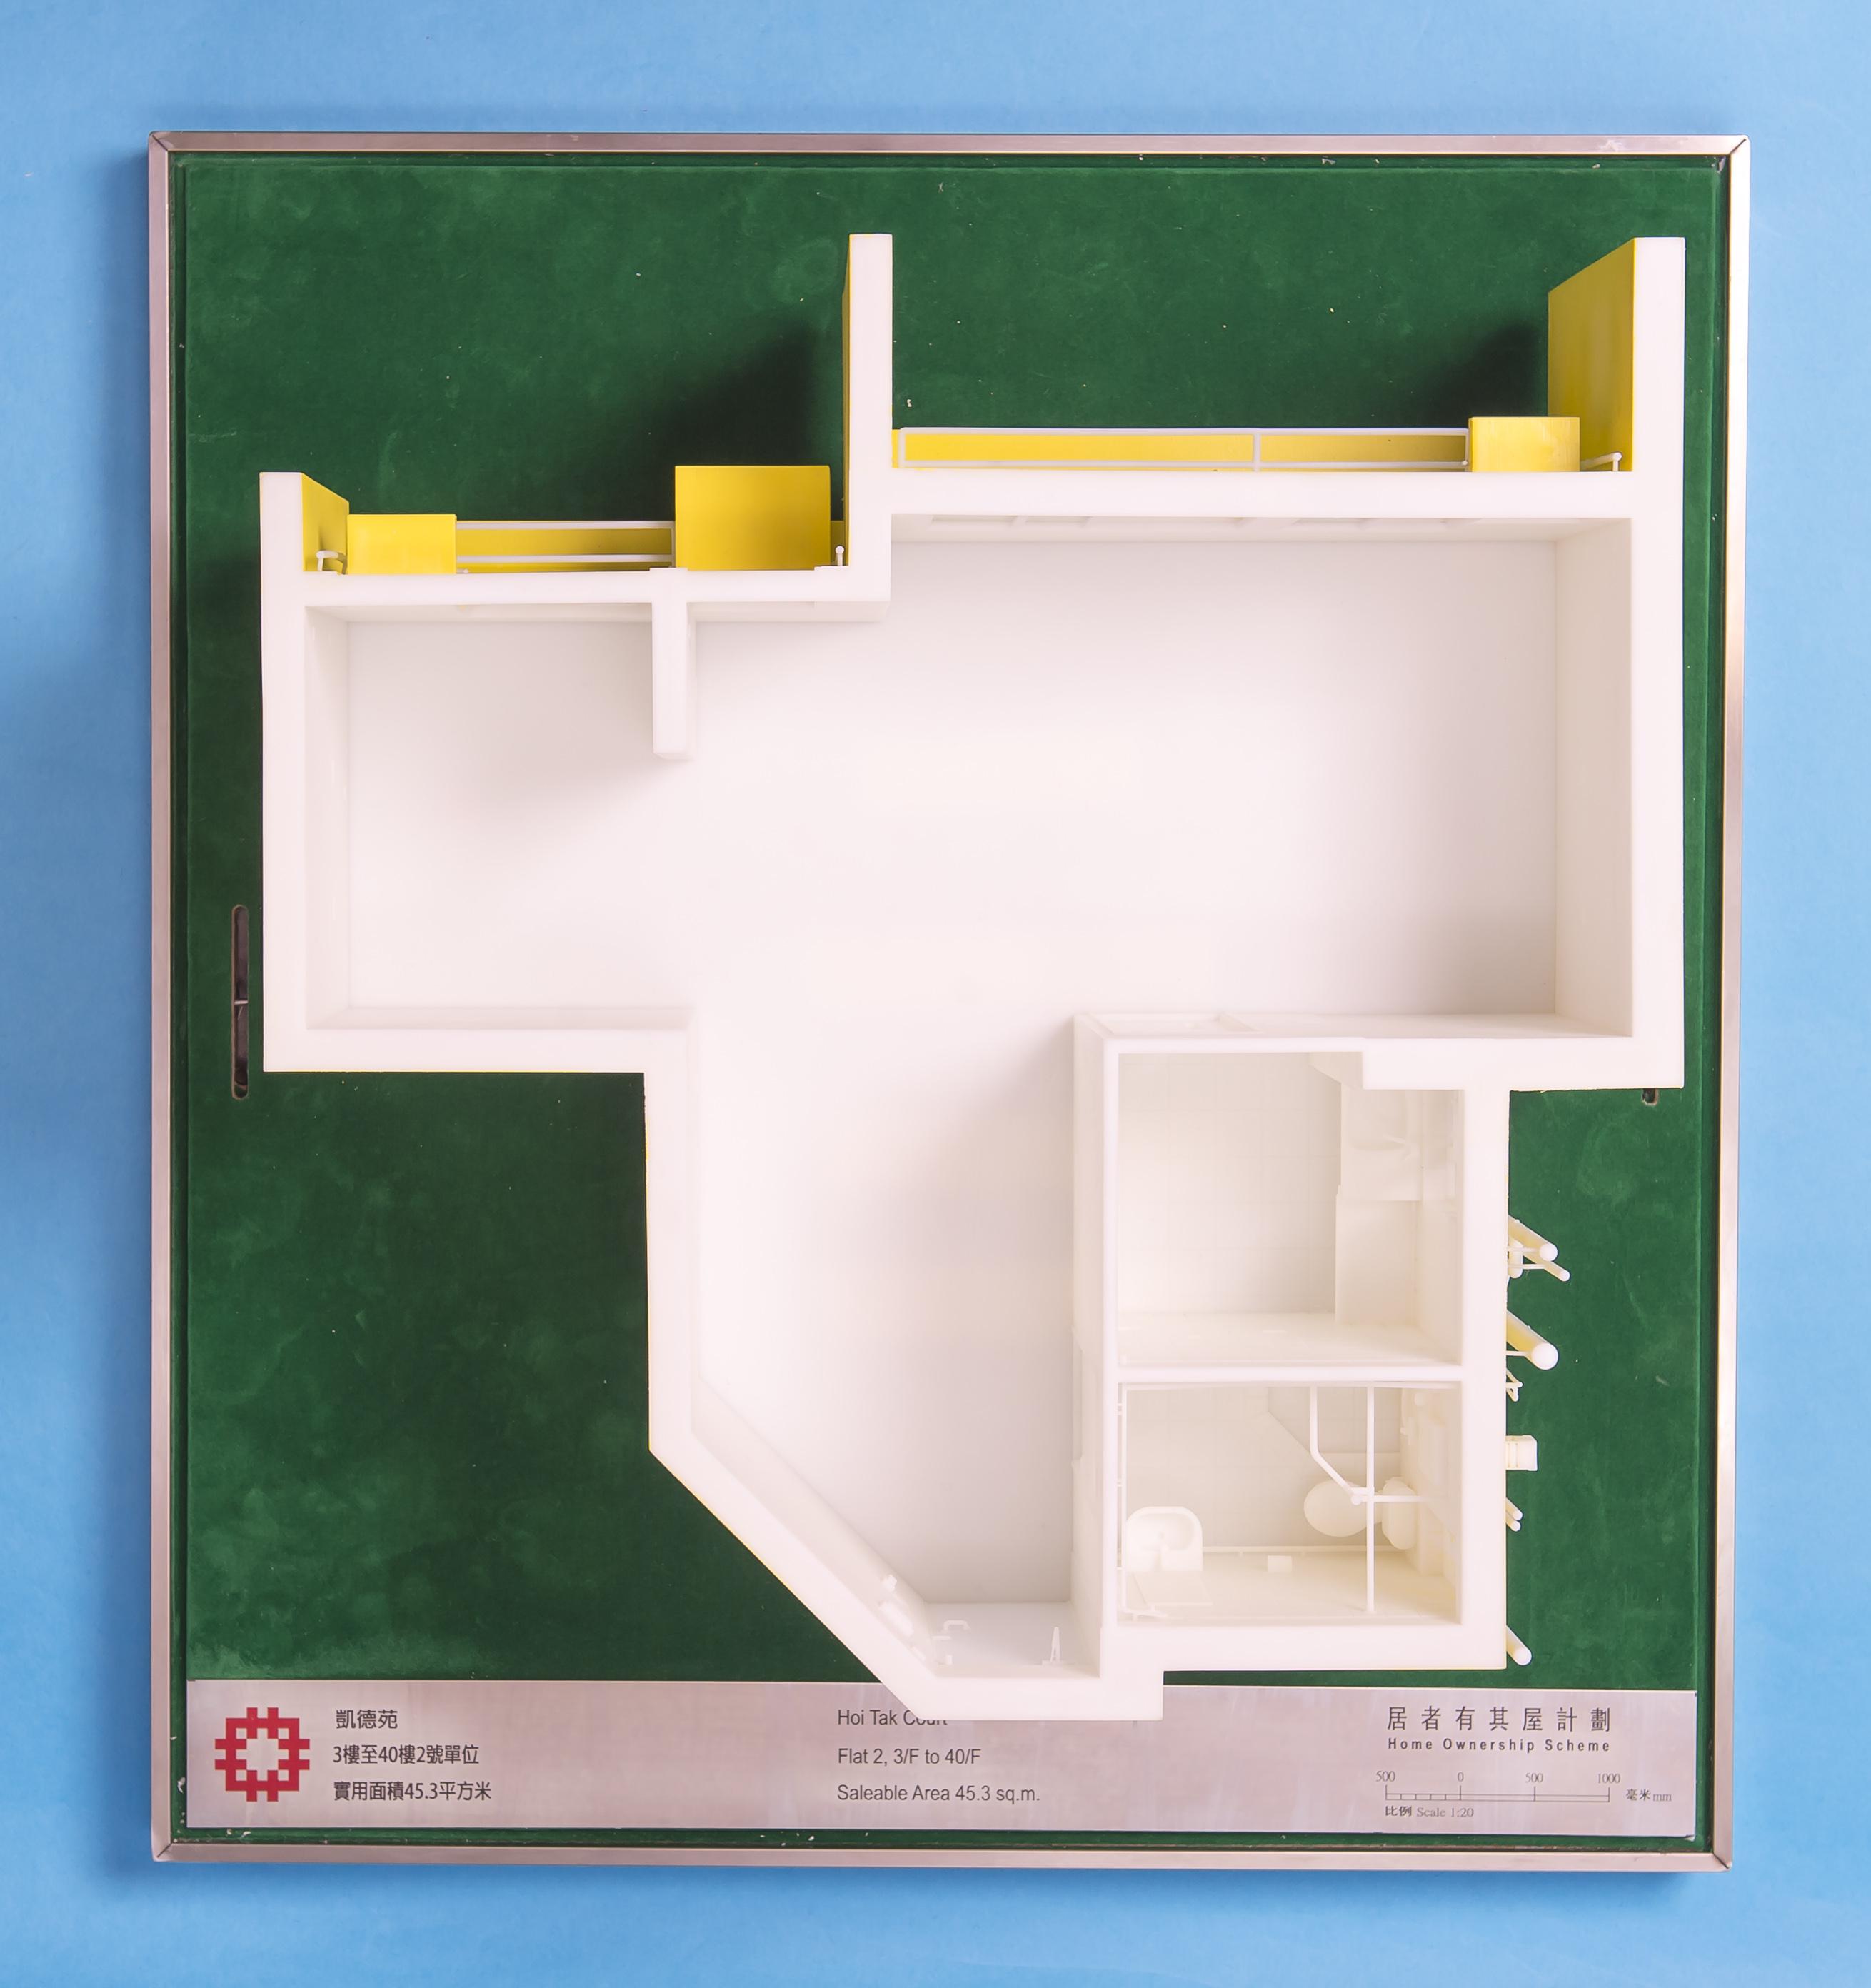 凱德苑3樓至40樓2號單位模型。